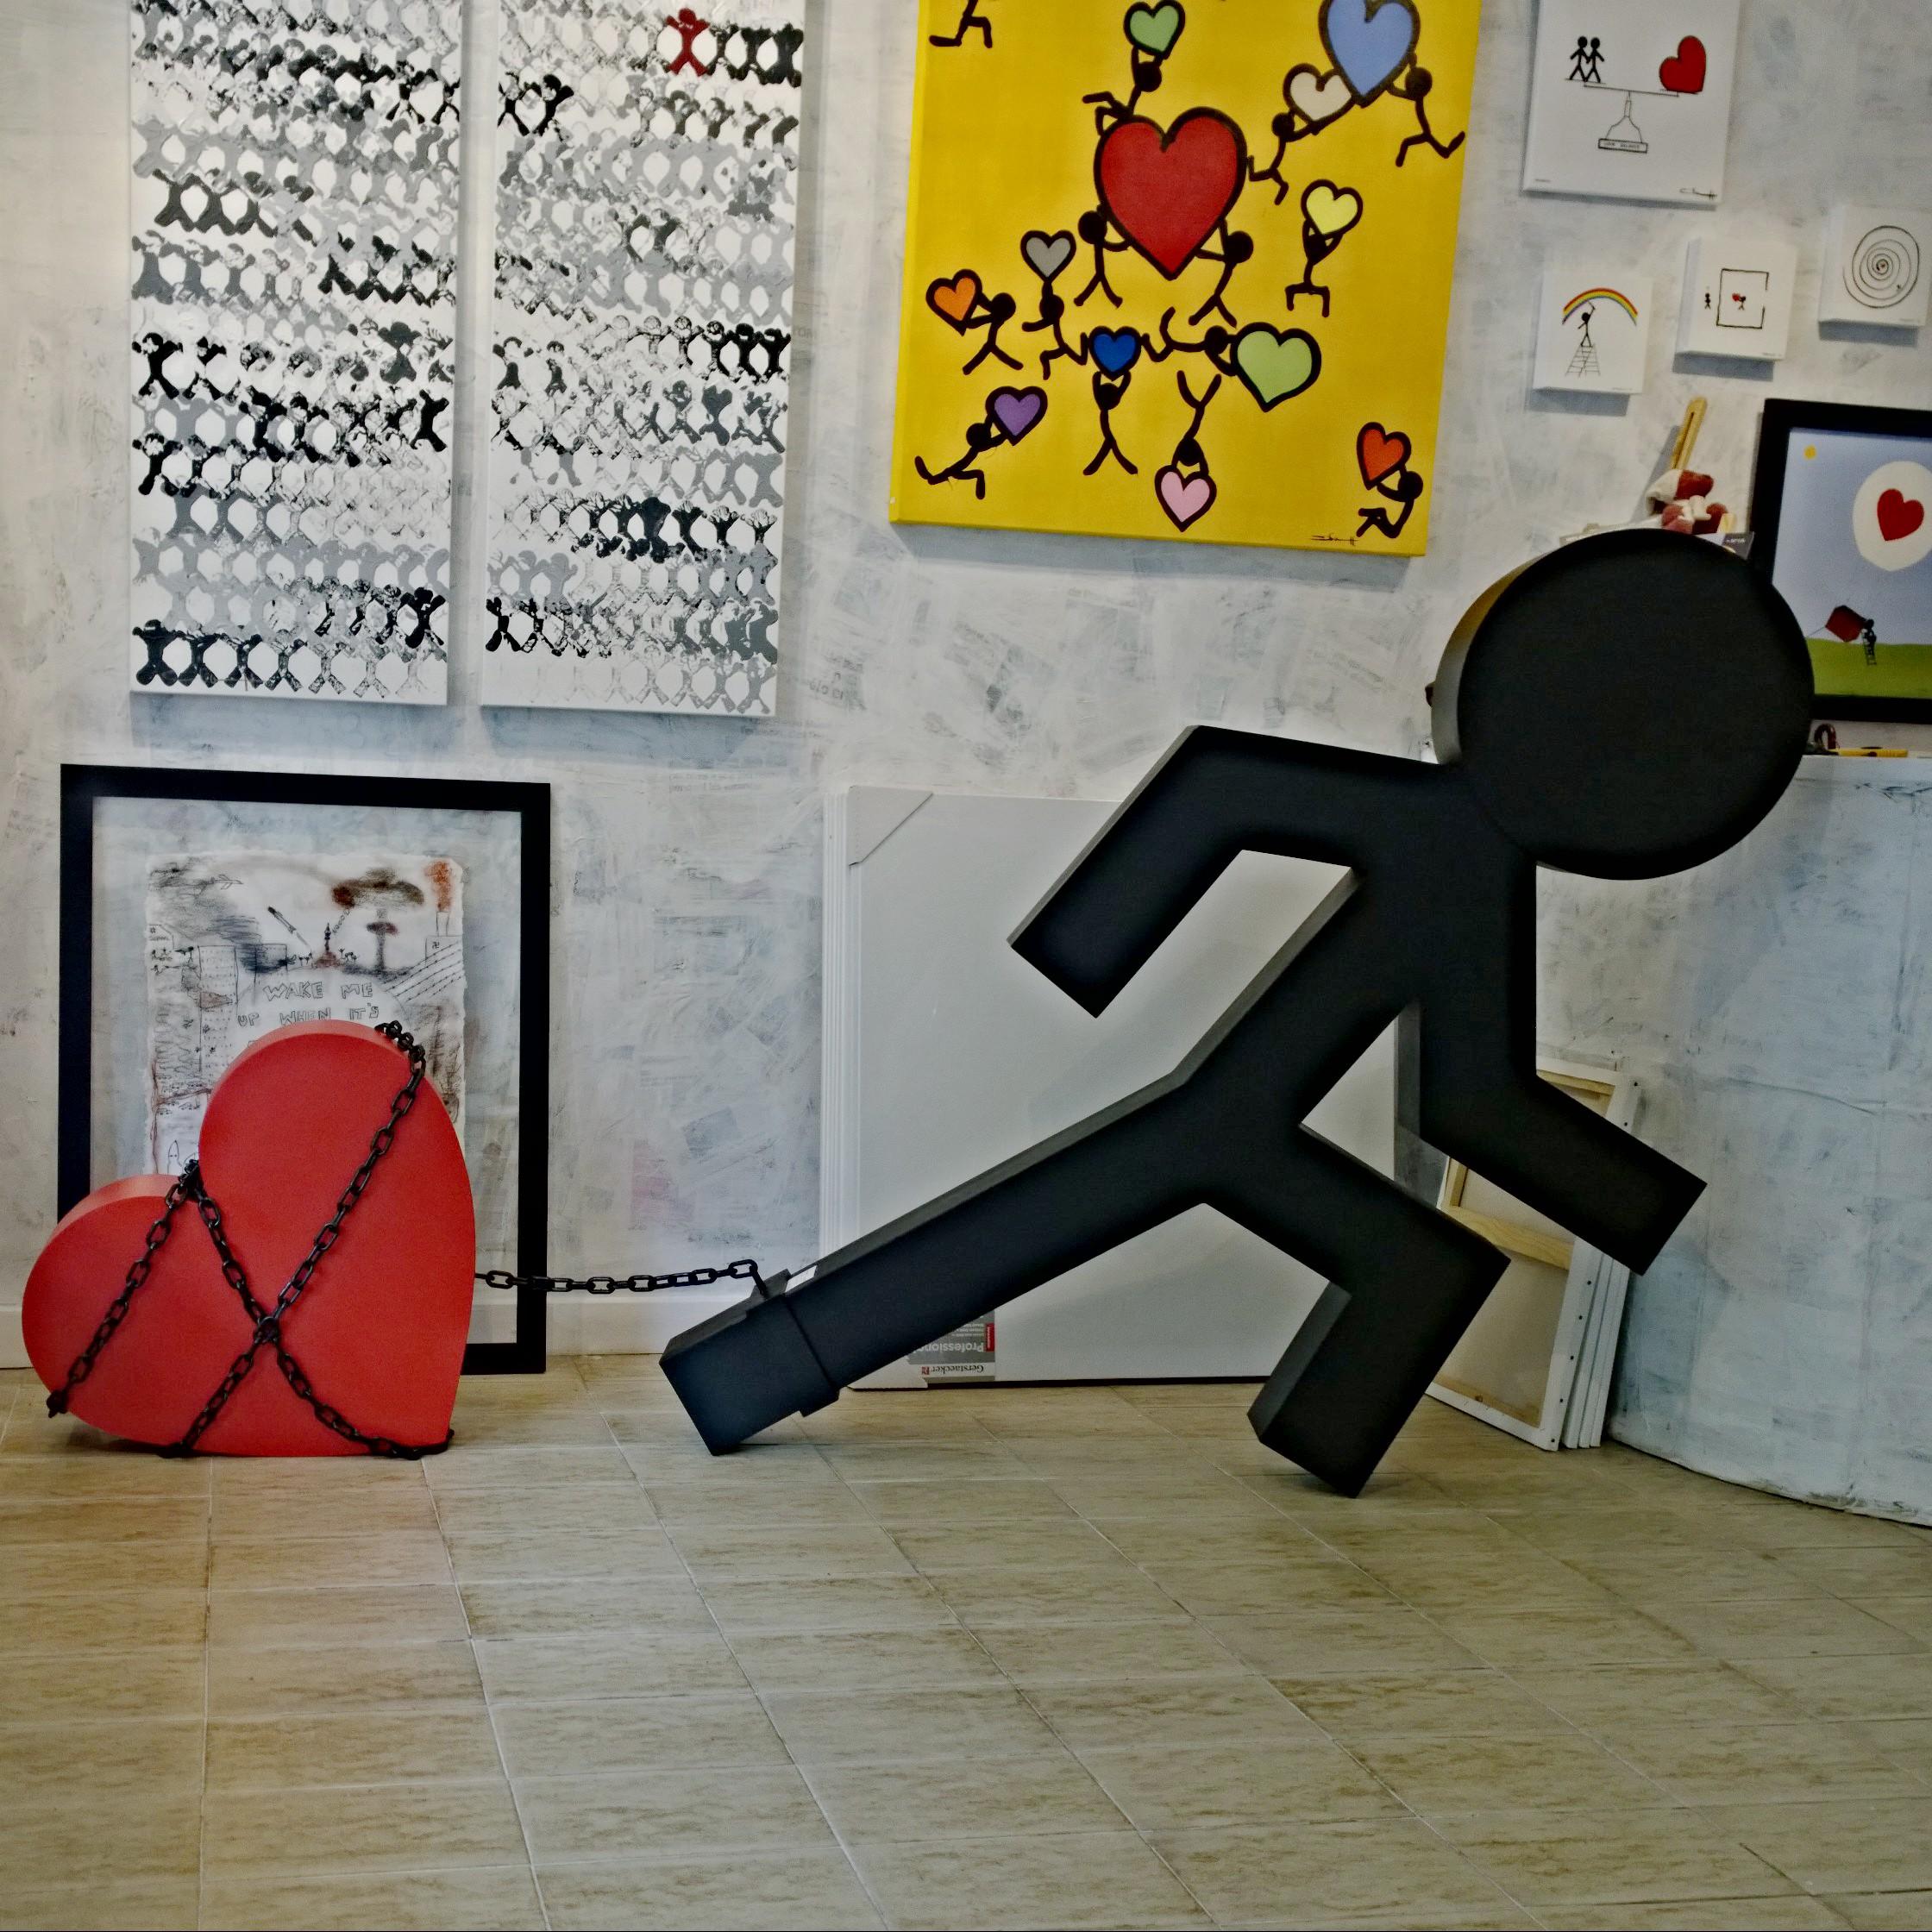 Chained to love (enchainé à l'amour)   Sculpture en metal réalisé par Remy DIAZ selon l'idée de Oliver HENGGELER